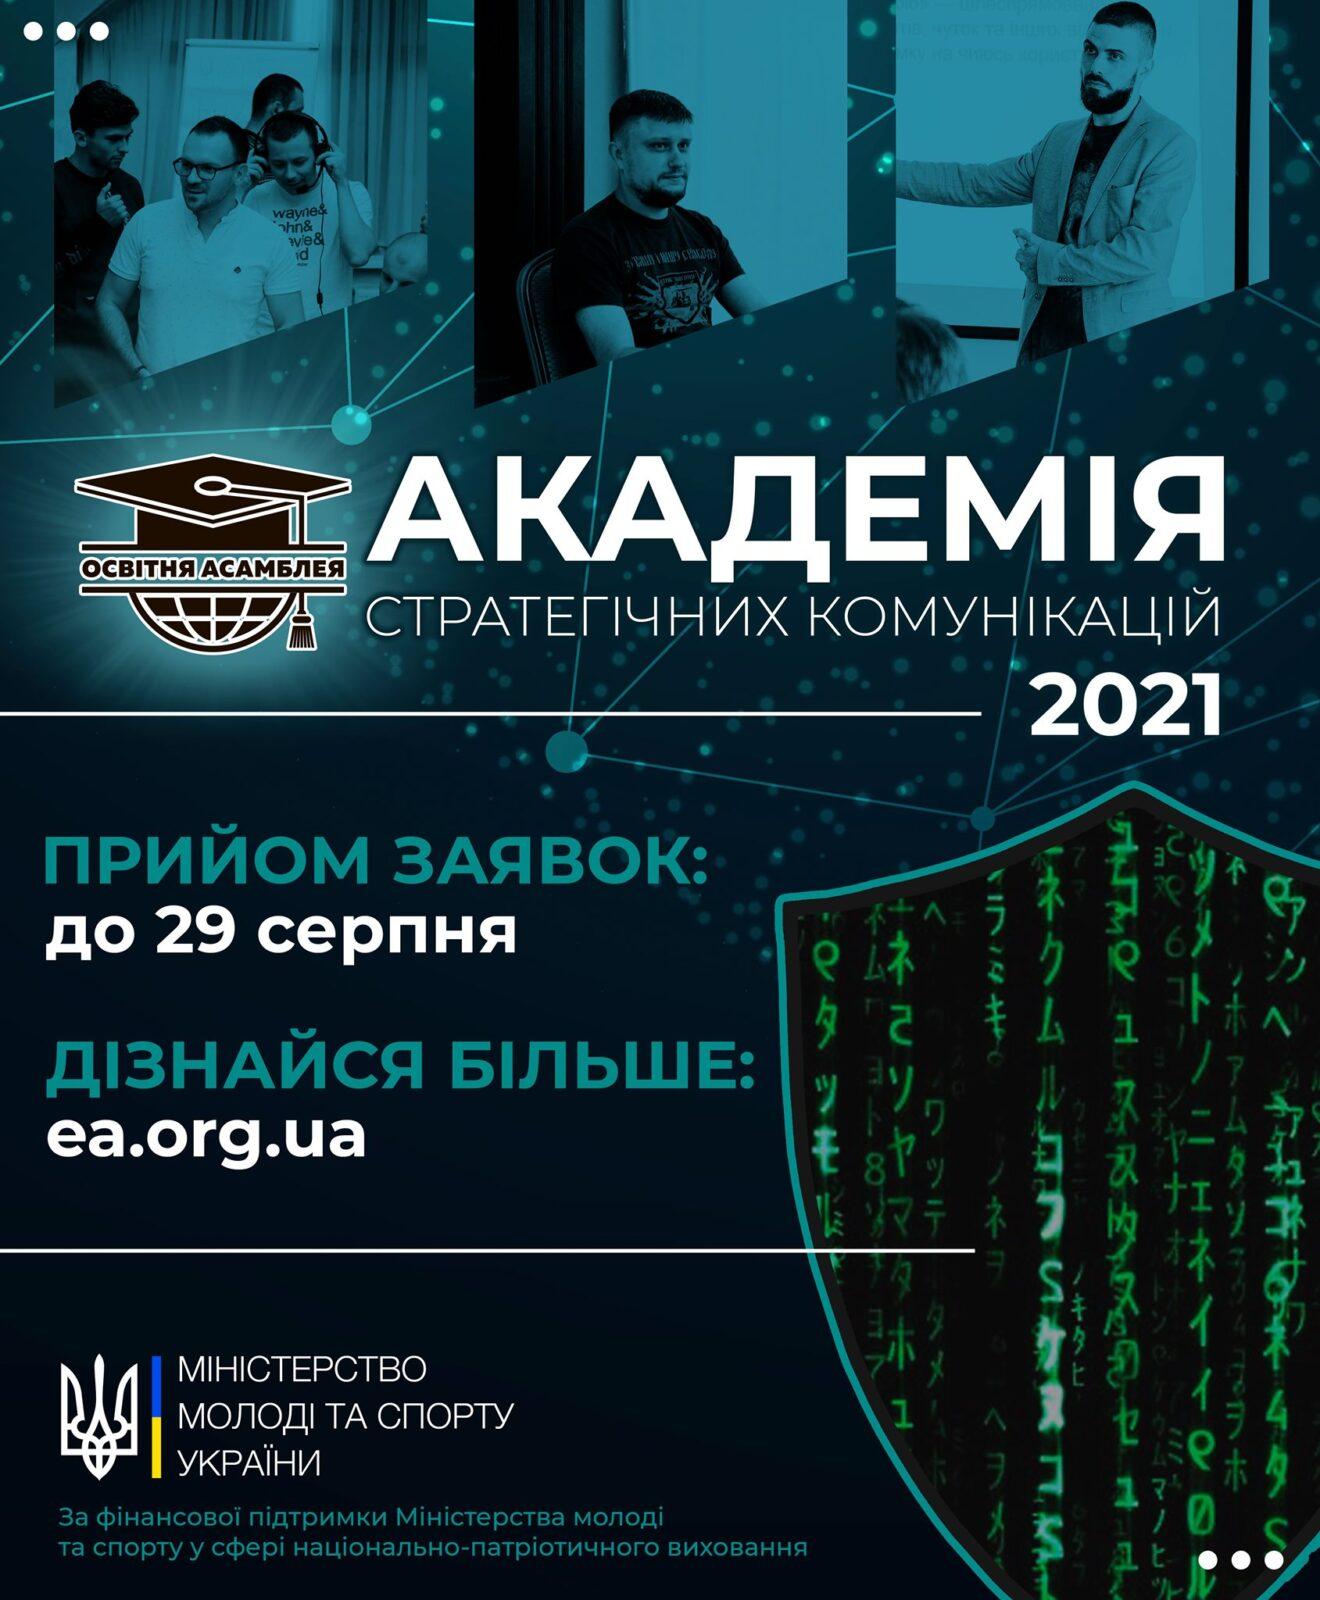 Академія стратегічних комунікацій 2021